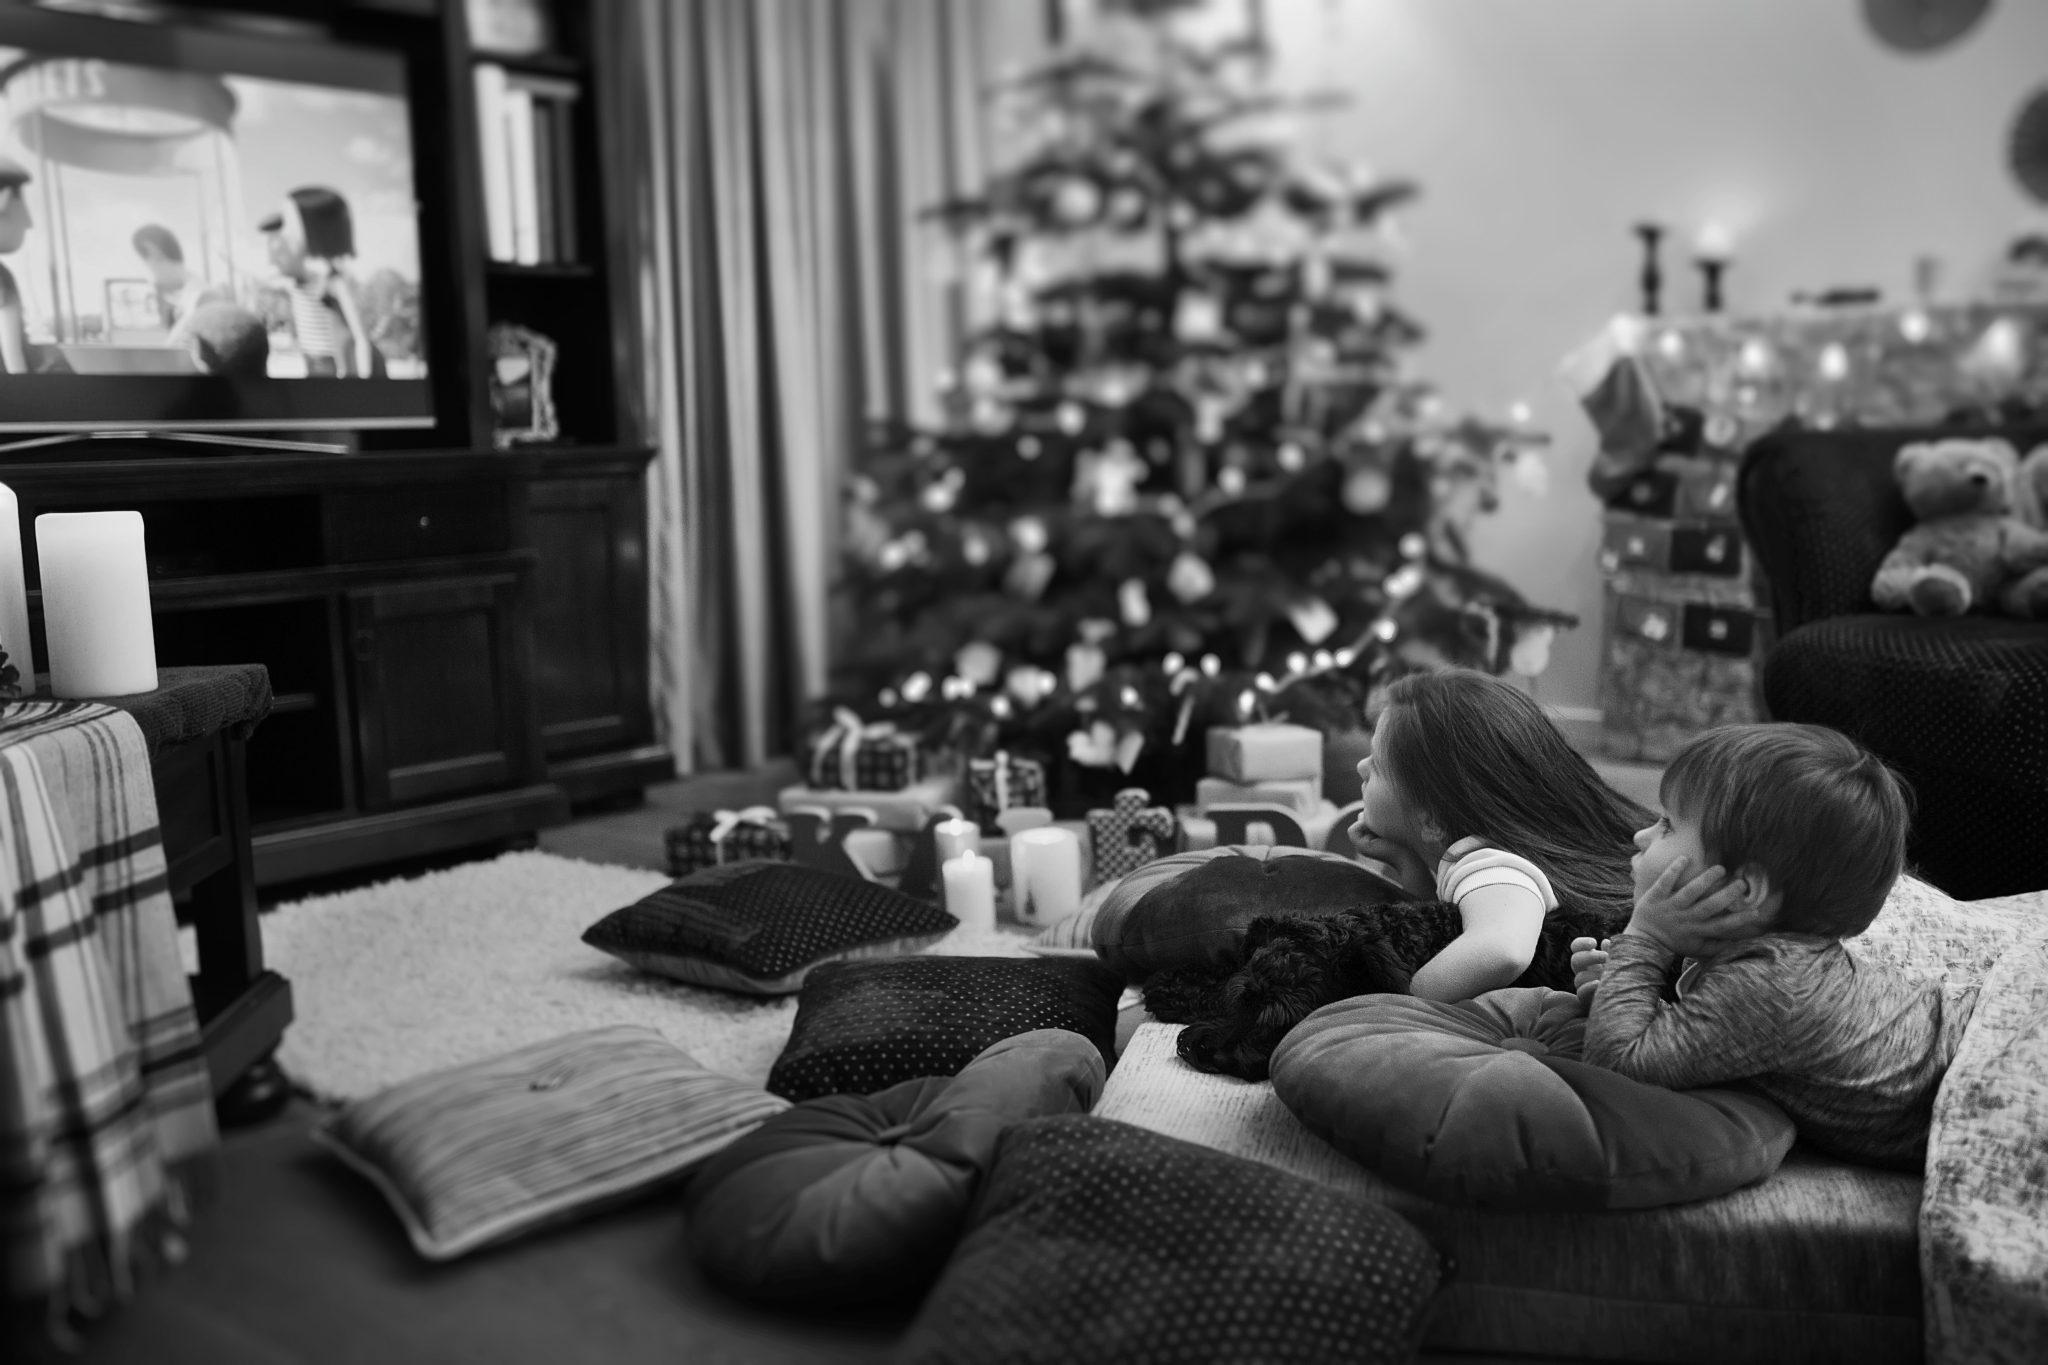 Kalėdinė šeimos fotosesija idėja - vaikai žiūri filmukus